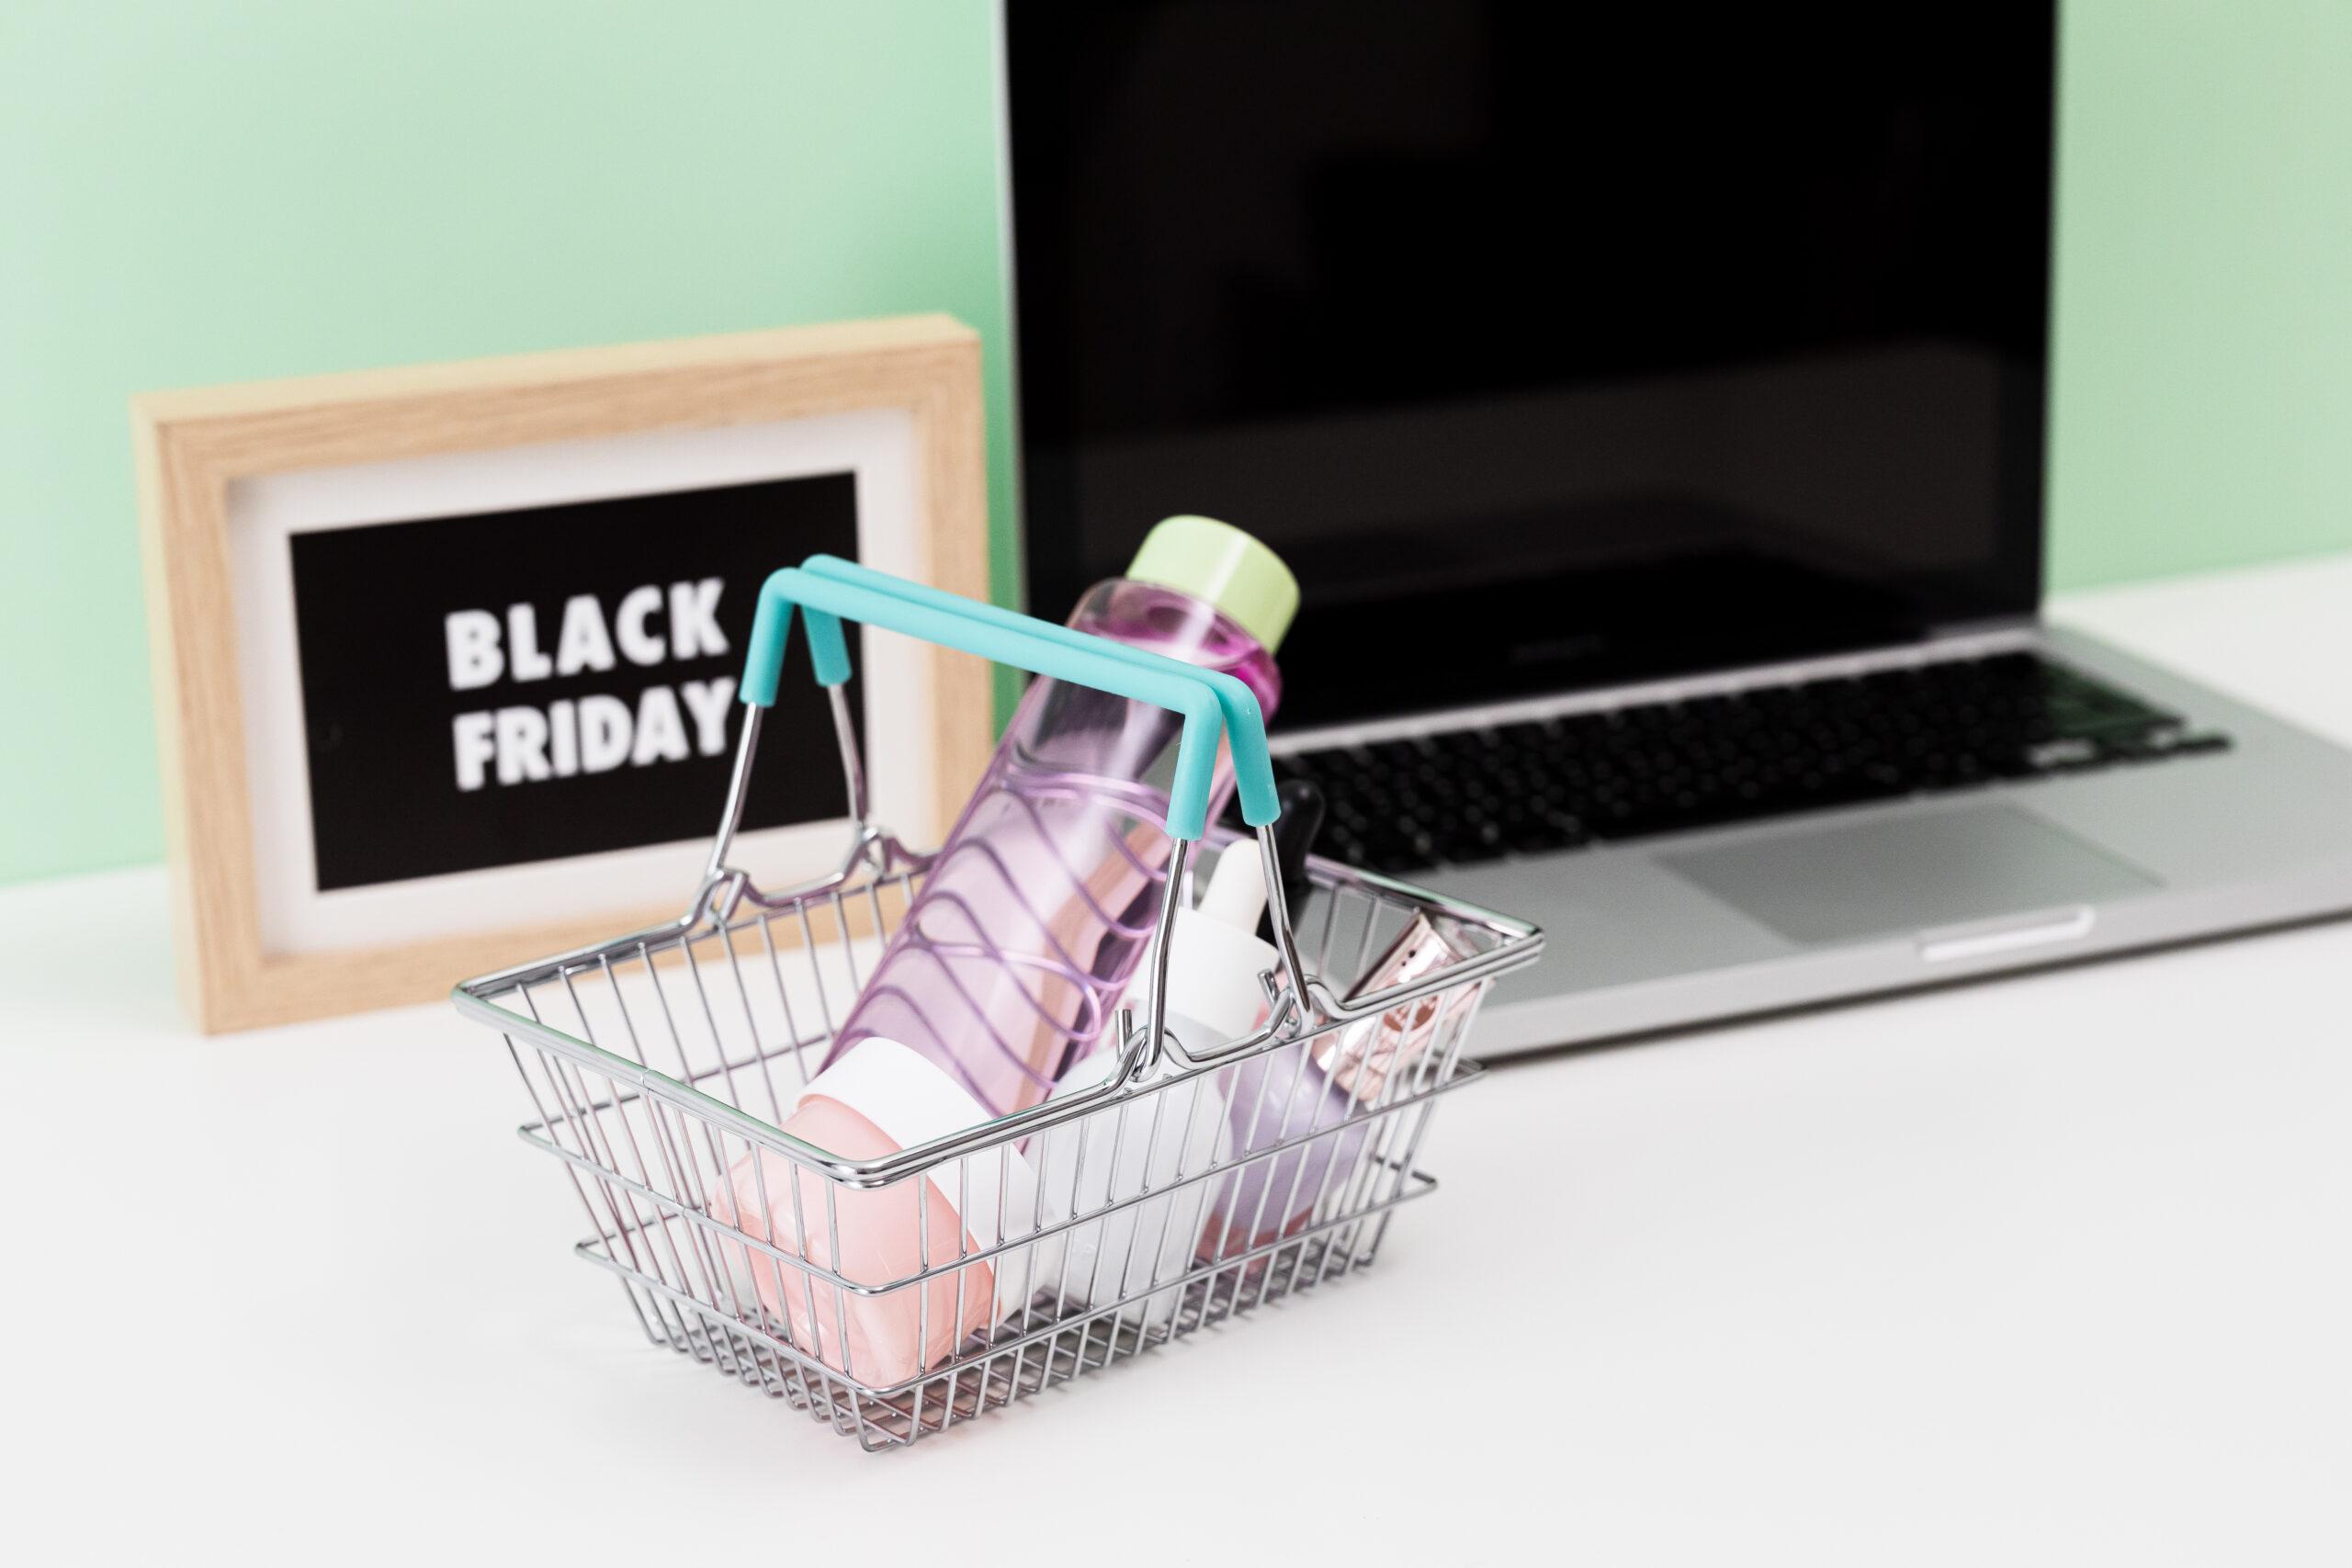 Black Friday, Cyber Monday i świąteczne promocje rozpalają wyobraźnię. Jak ustrzec się przed nadmiernym wydawaniem i zachować równowagę?